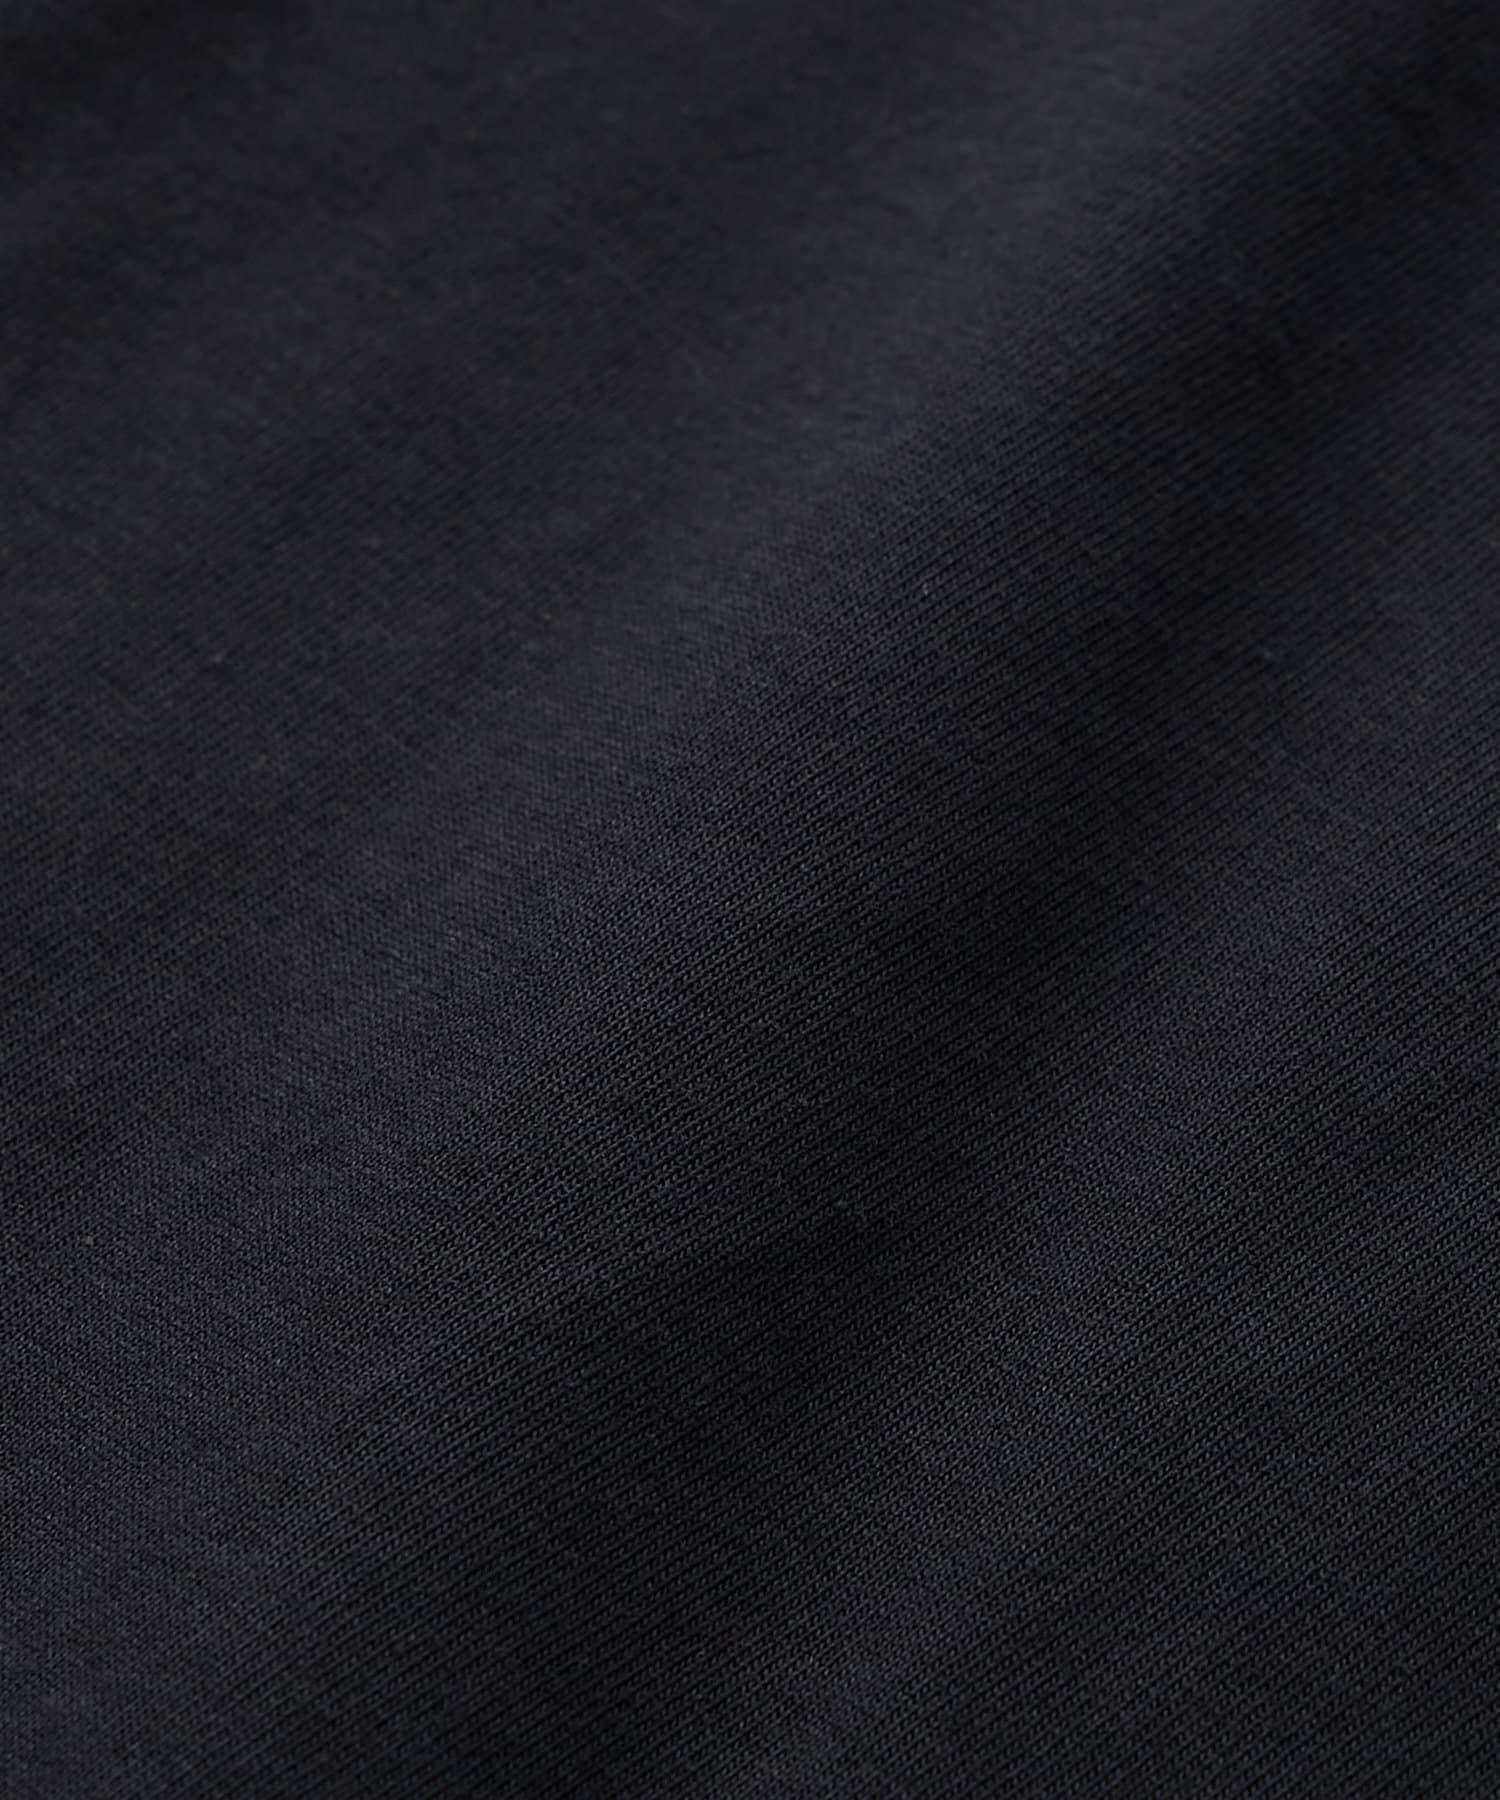 La boutique BonBon(ラブティックボンボン) 【手洗い可】サイドドット釦コクーンカットソー